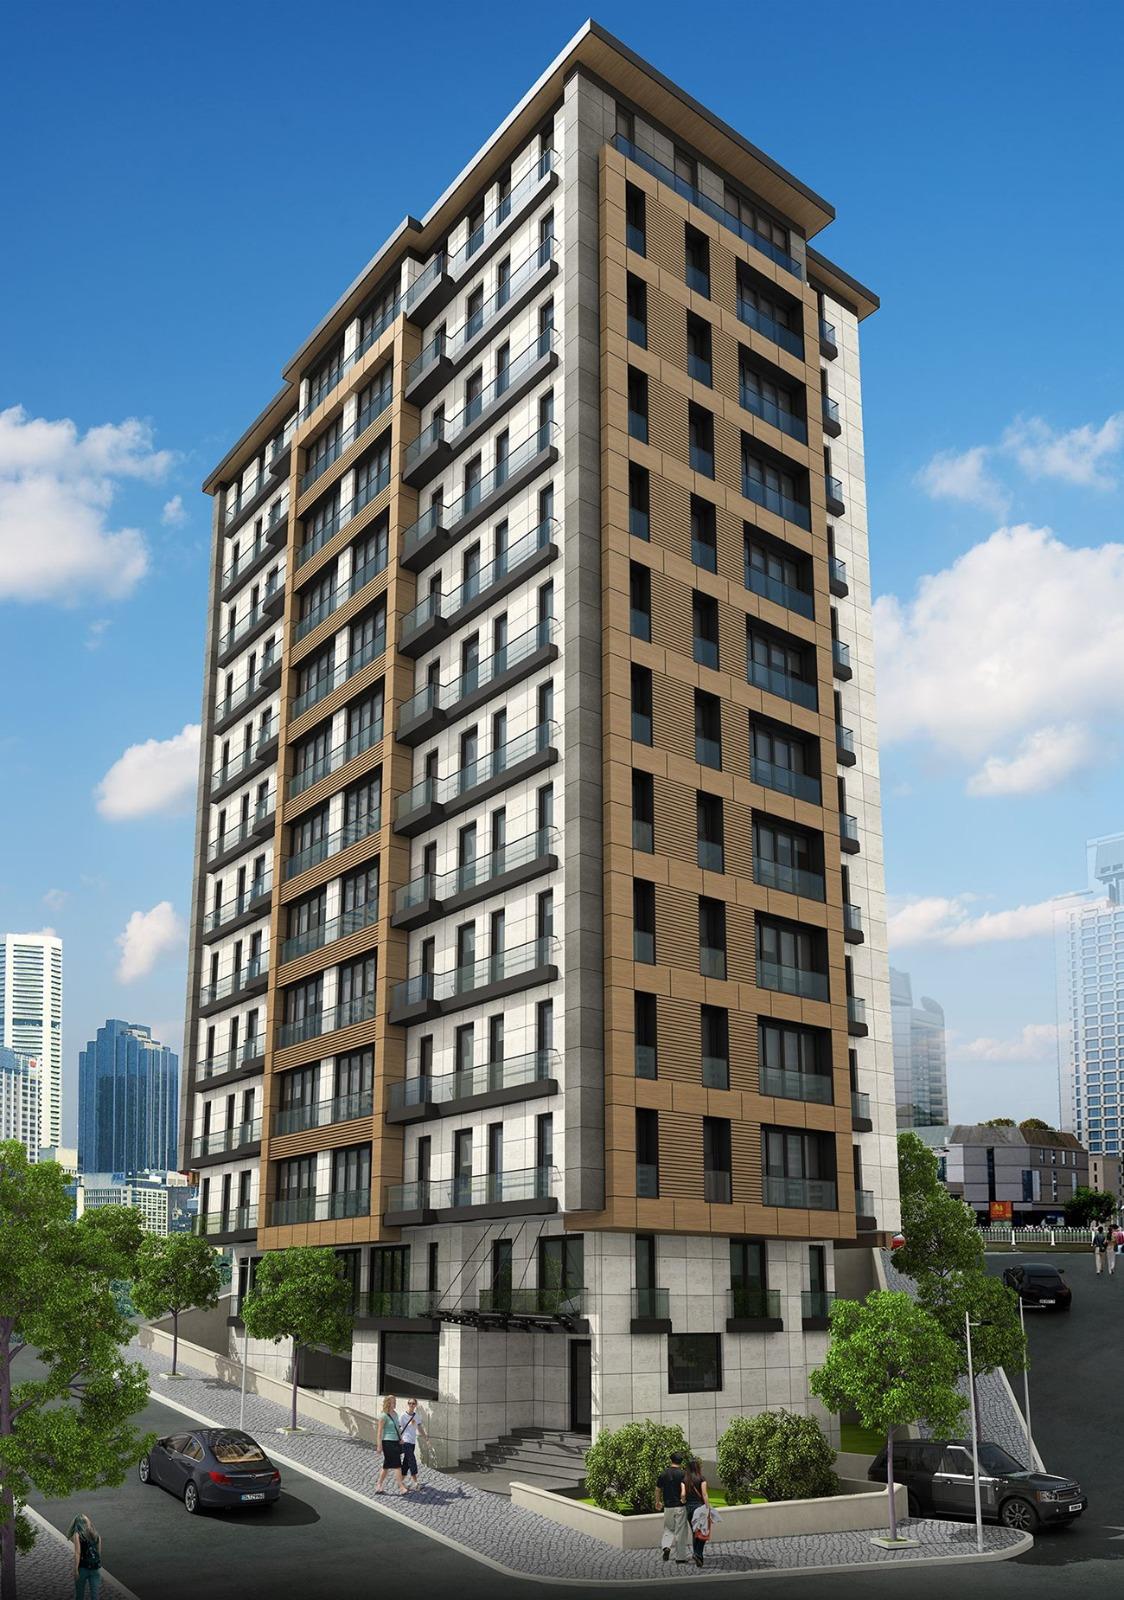 شقق للبيع  مساحة من 63 م2 إلى 85 م2 غرف من 2+1 إلى 3+1 في كاغتهانة Kağıthane